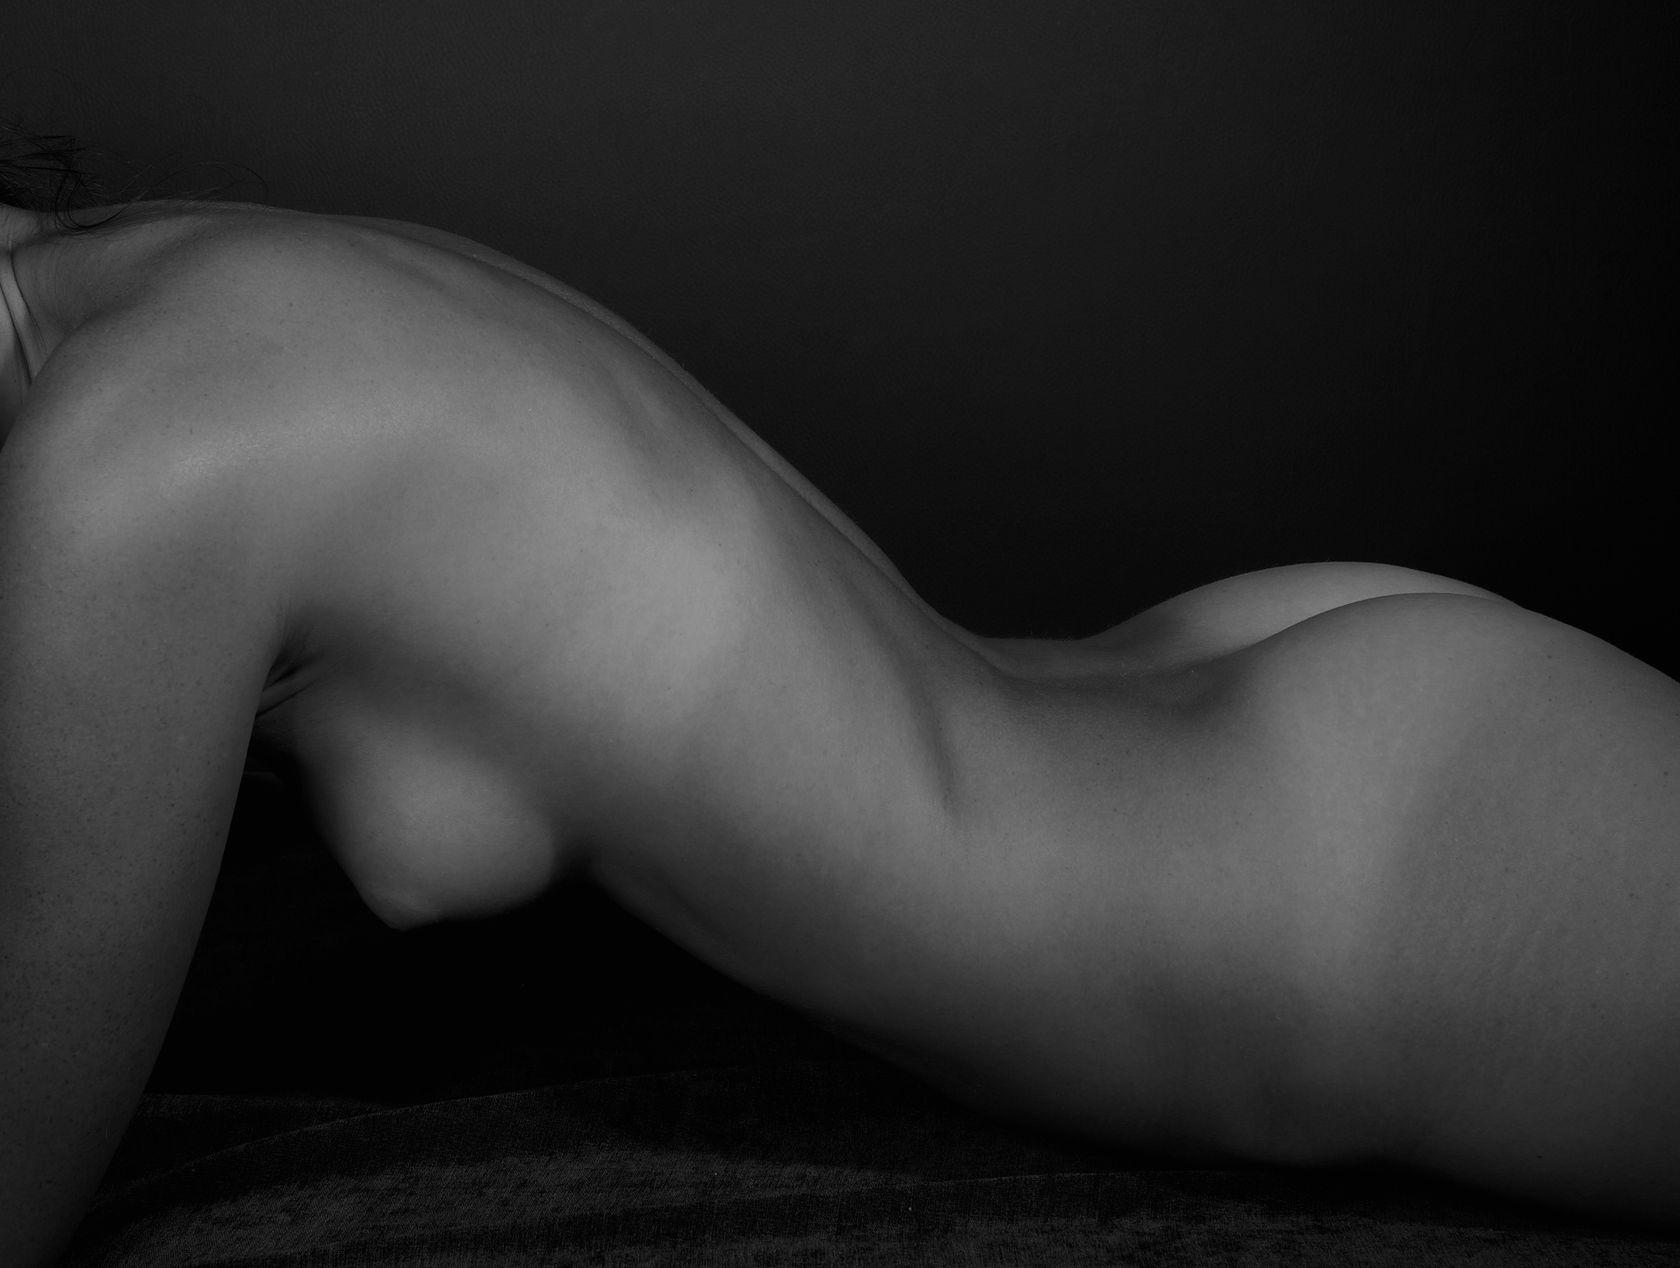 Обнаженное Женское Тело Фото